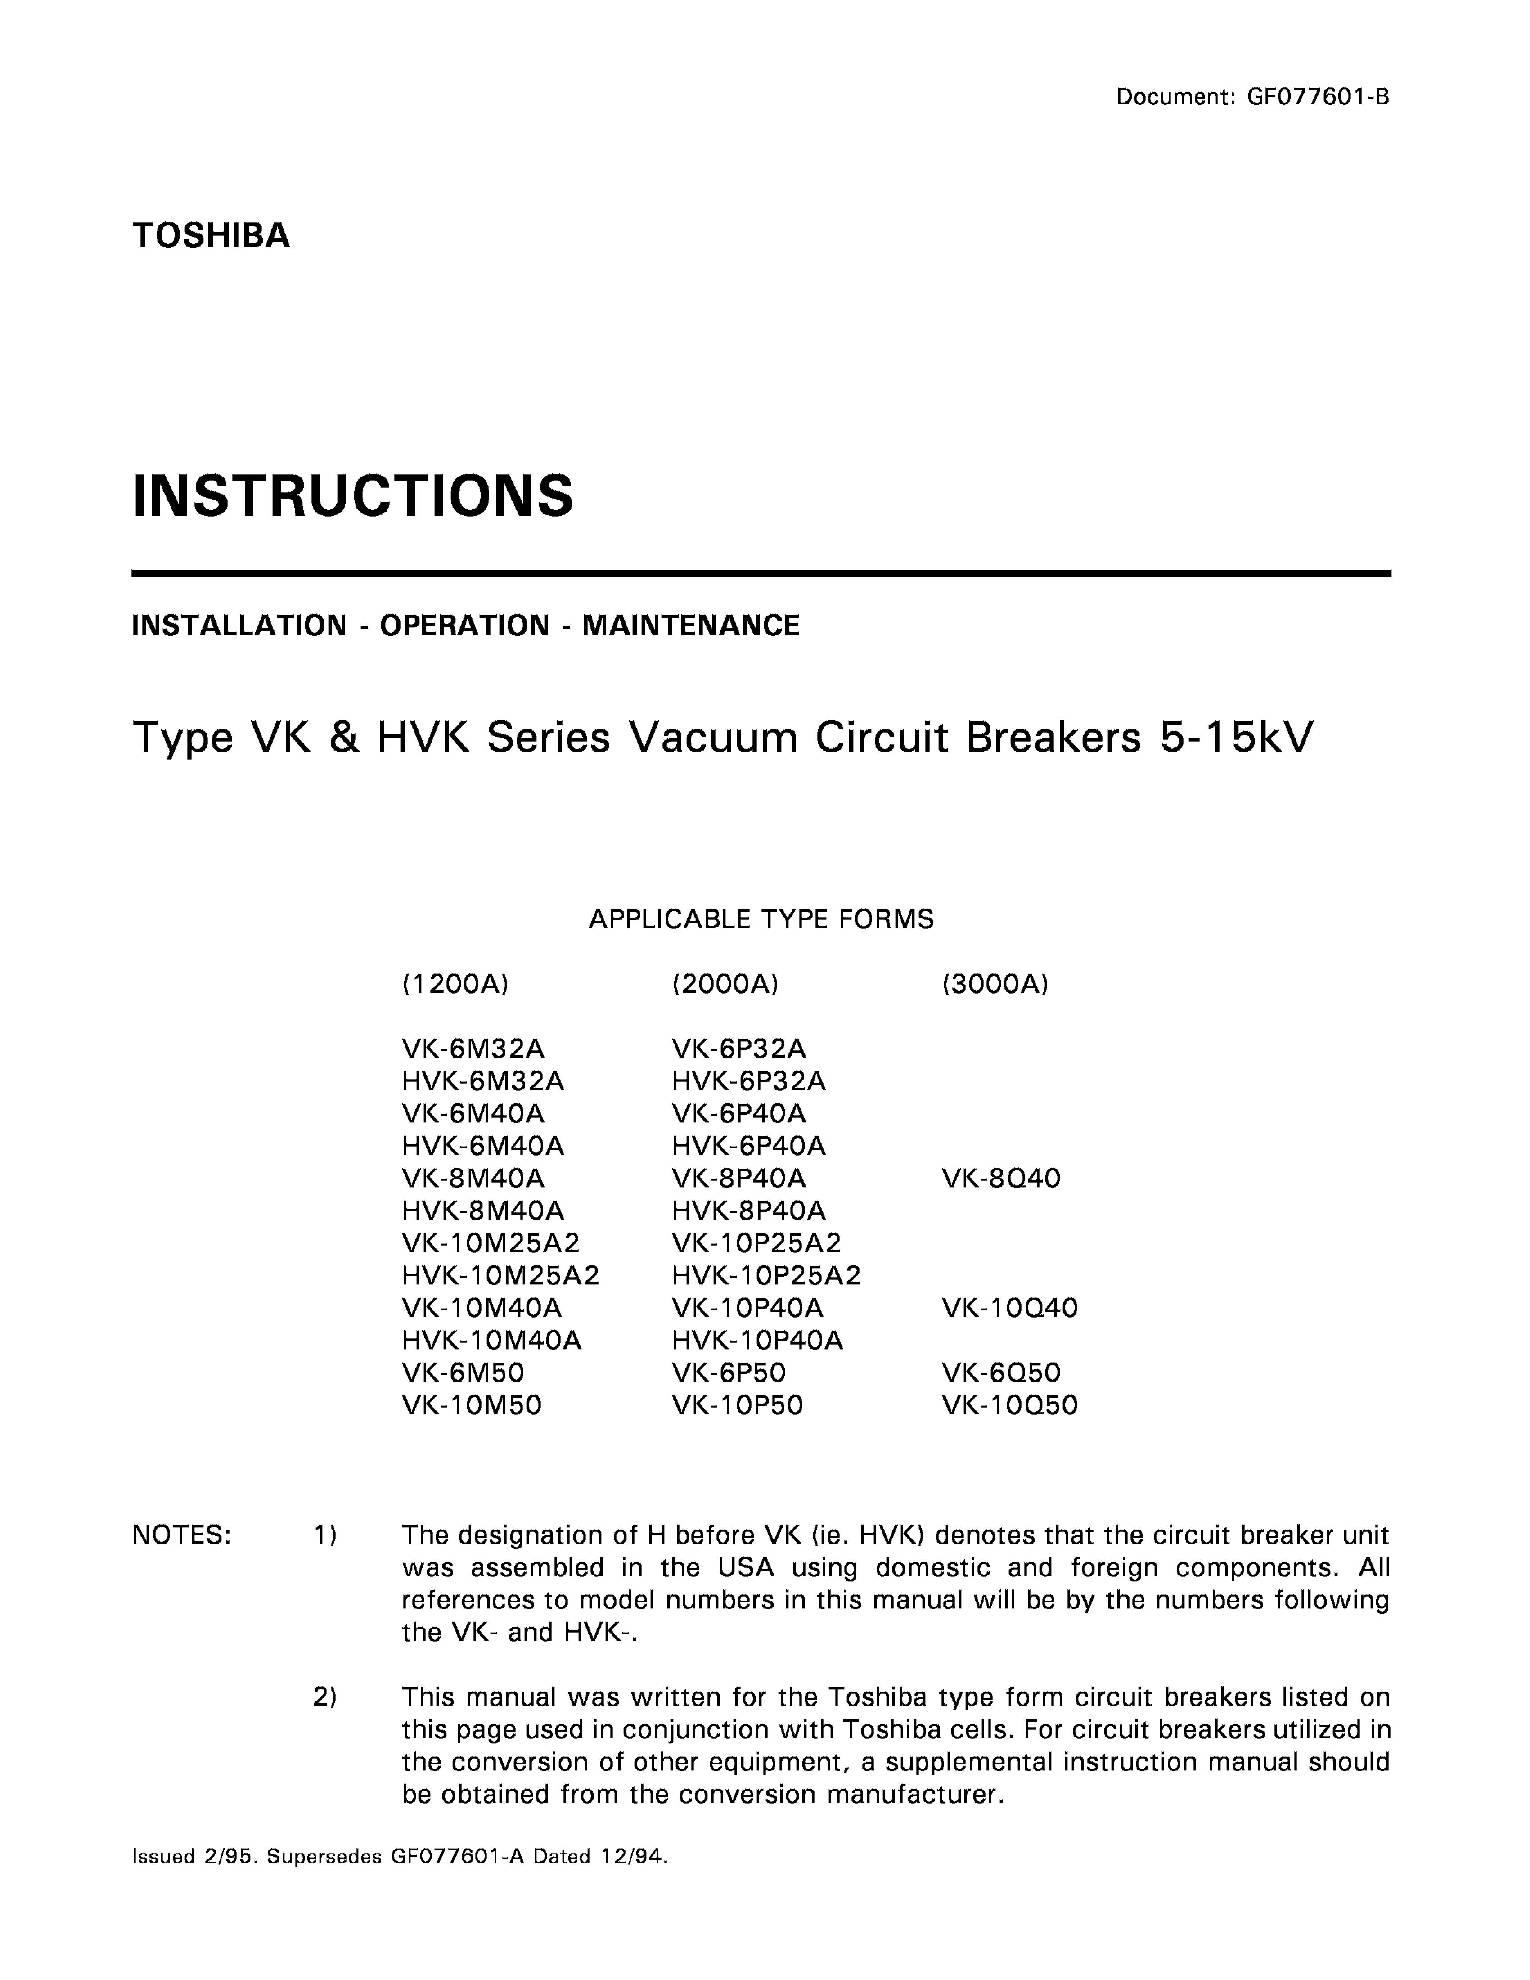 Руководство пользователя на высоковольтные вакуумные выключатели серии VK/HVK (vacuum circuit breaker) Toshiba на английском языке GF077601-B